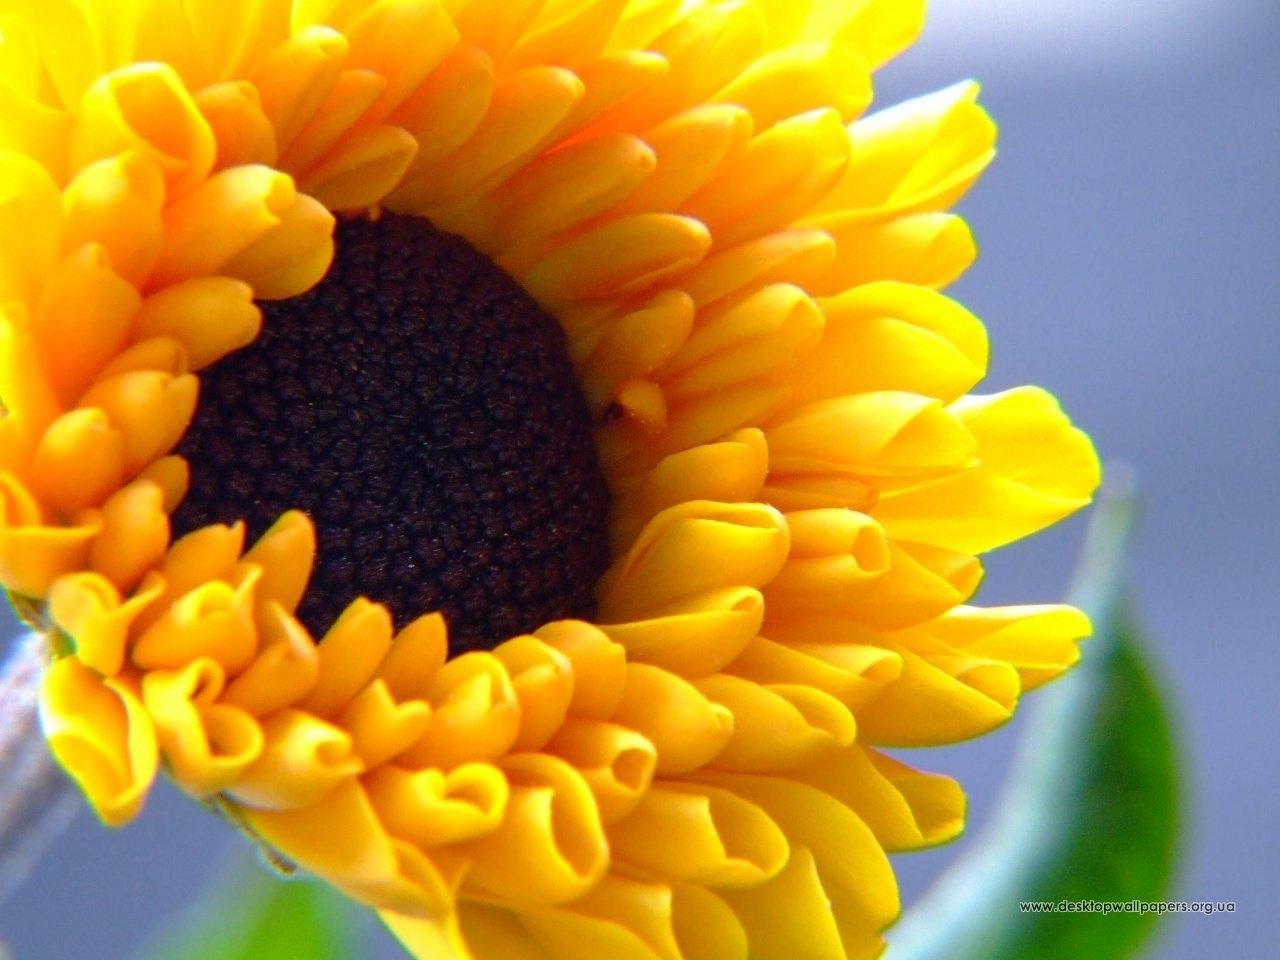 Скачать картинку Растения, Подсолнухи в телефон бесплатно.